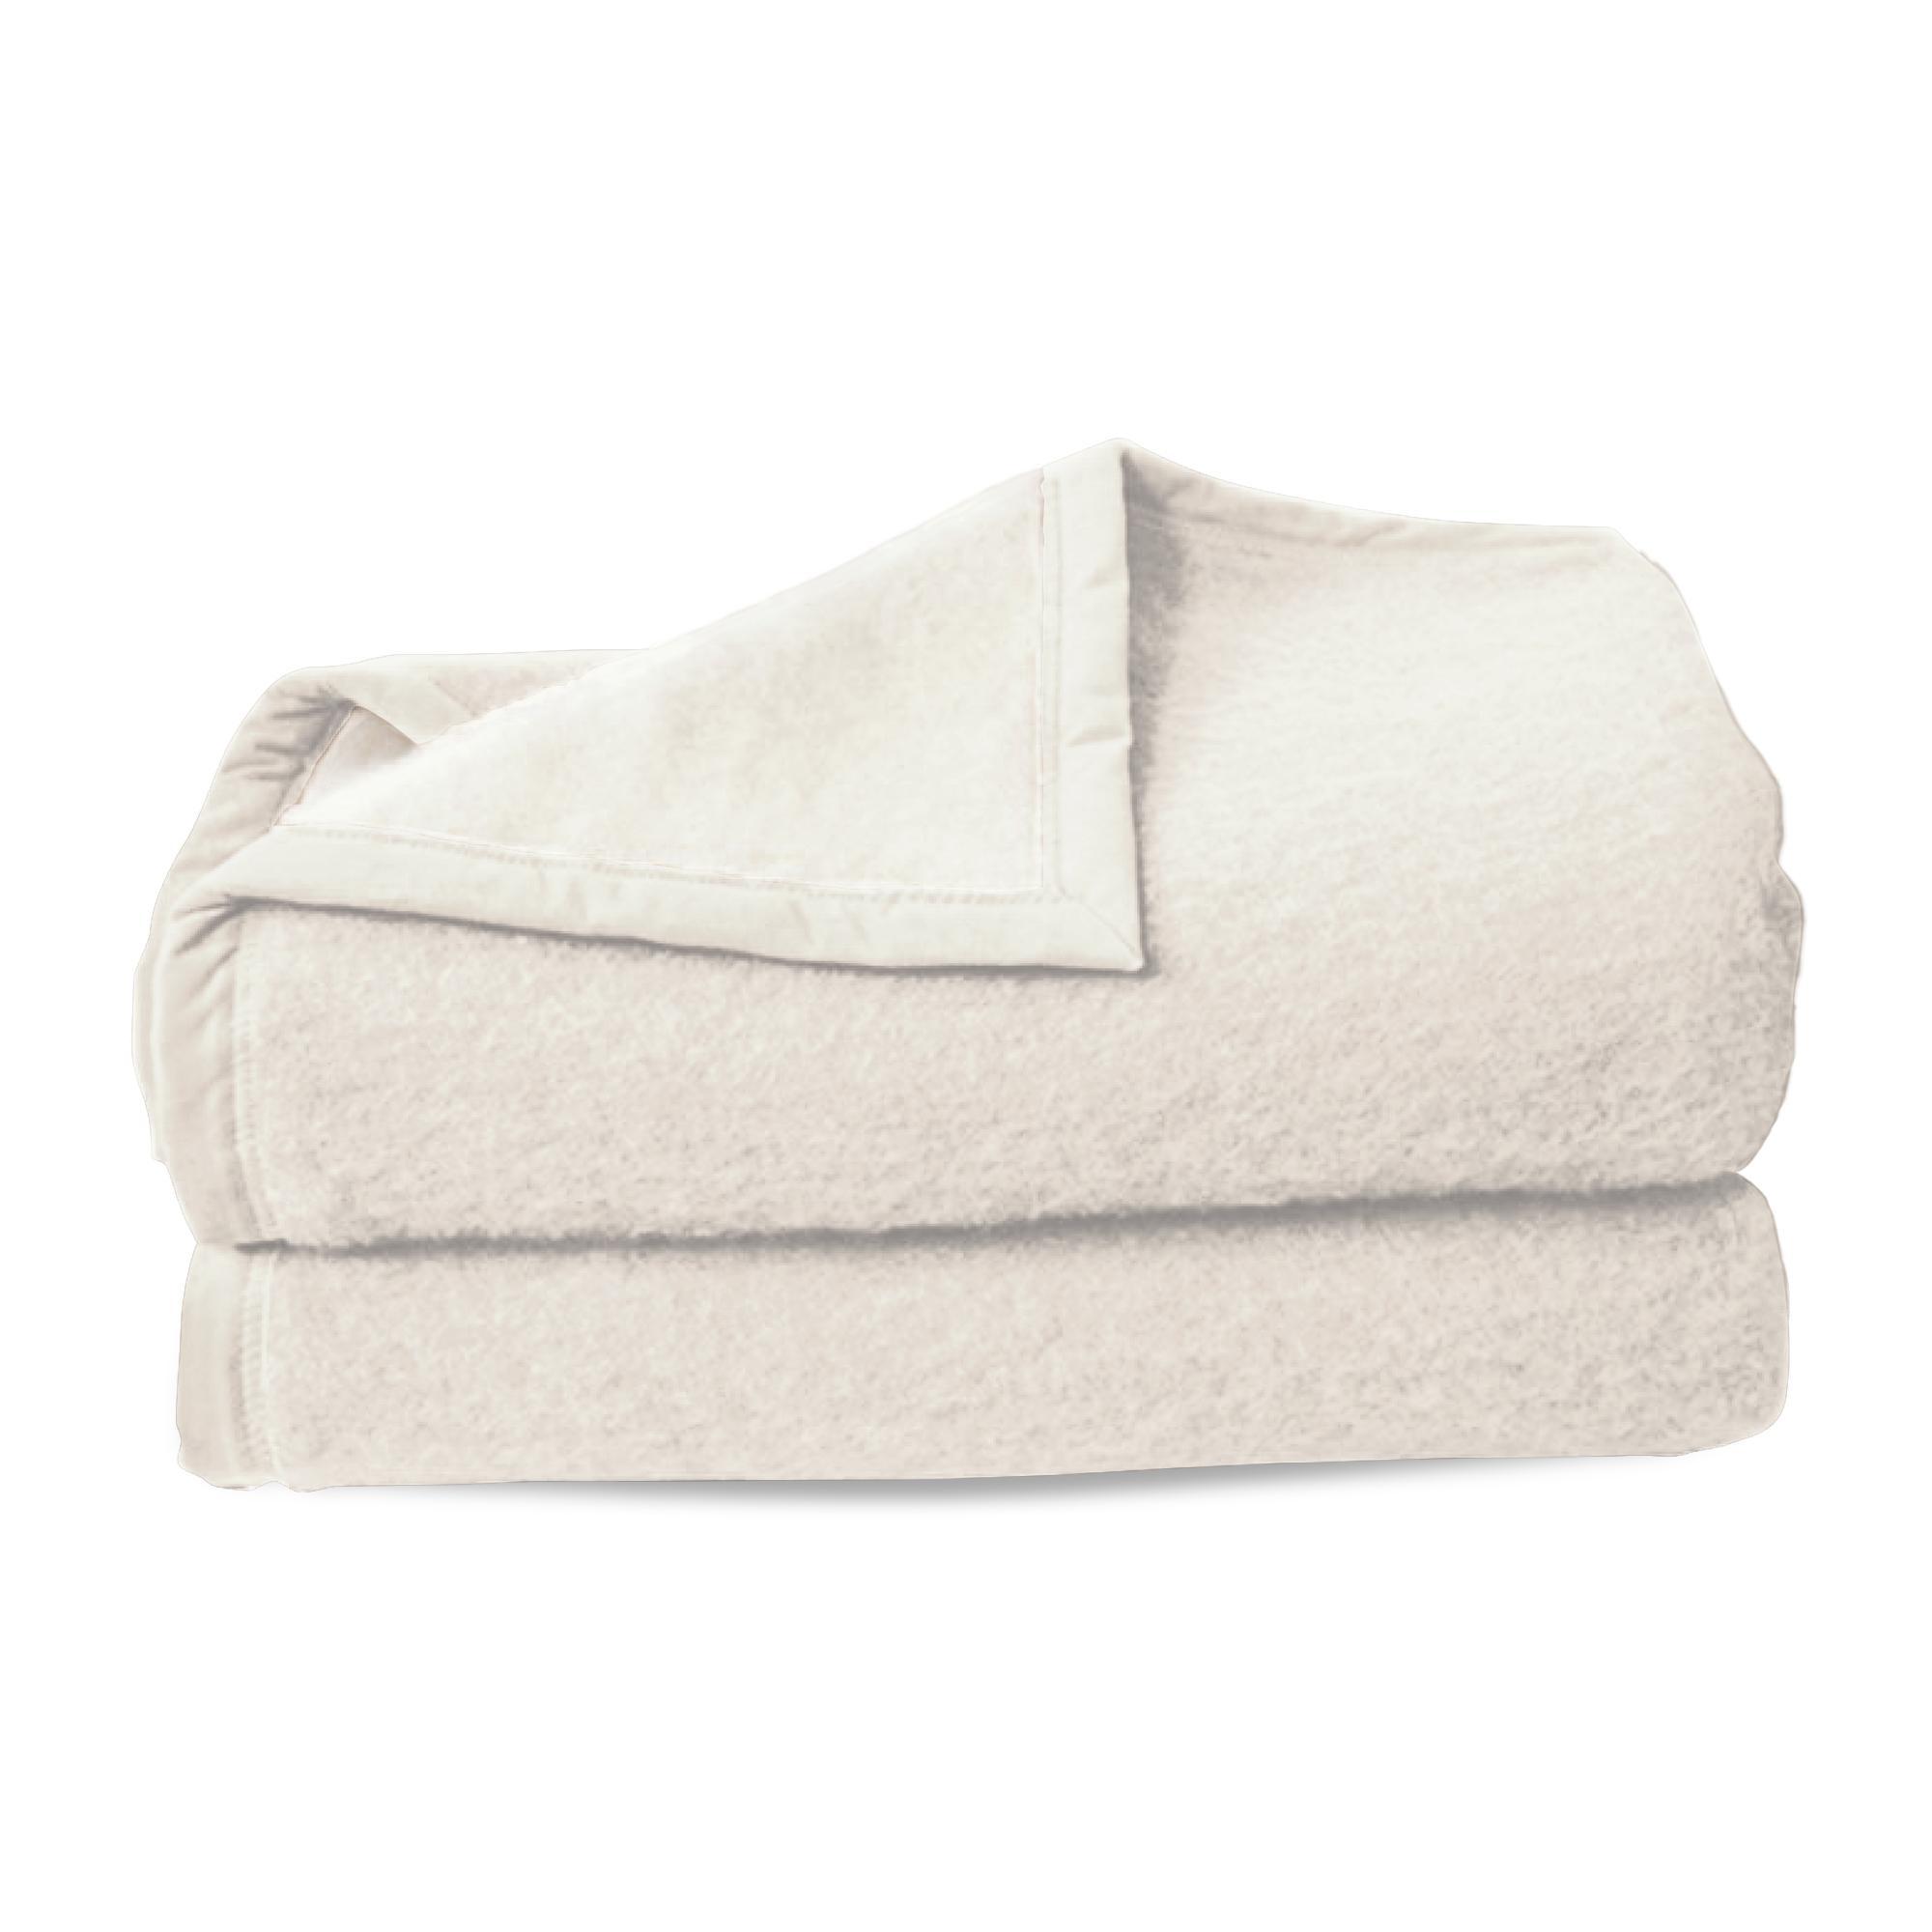 couverture pure laine vierge woolmark 600g m cybele 220x240cm blanc naturel linnea linge de. Black Bedroom Furniture Sets. Home Design Ideas